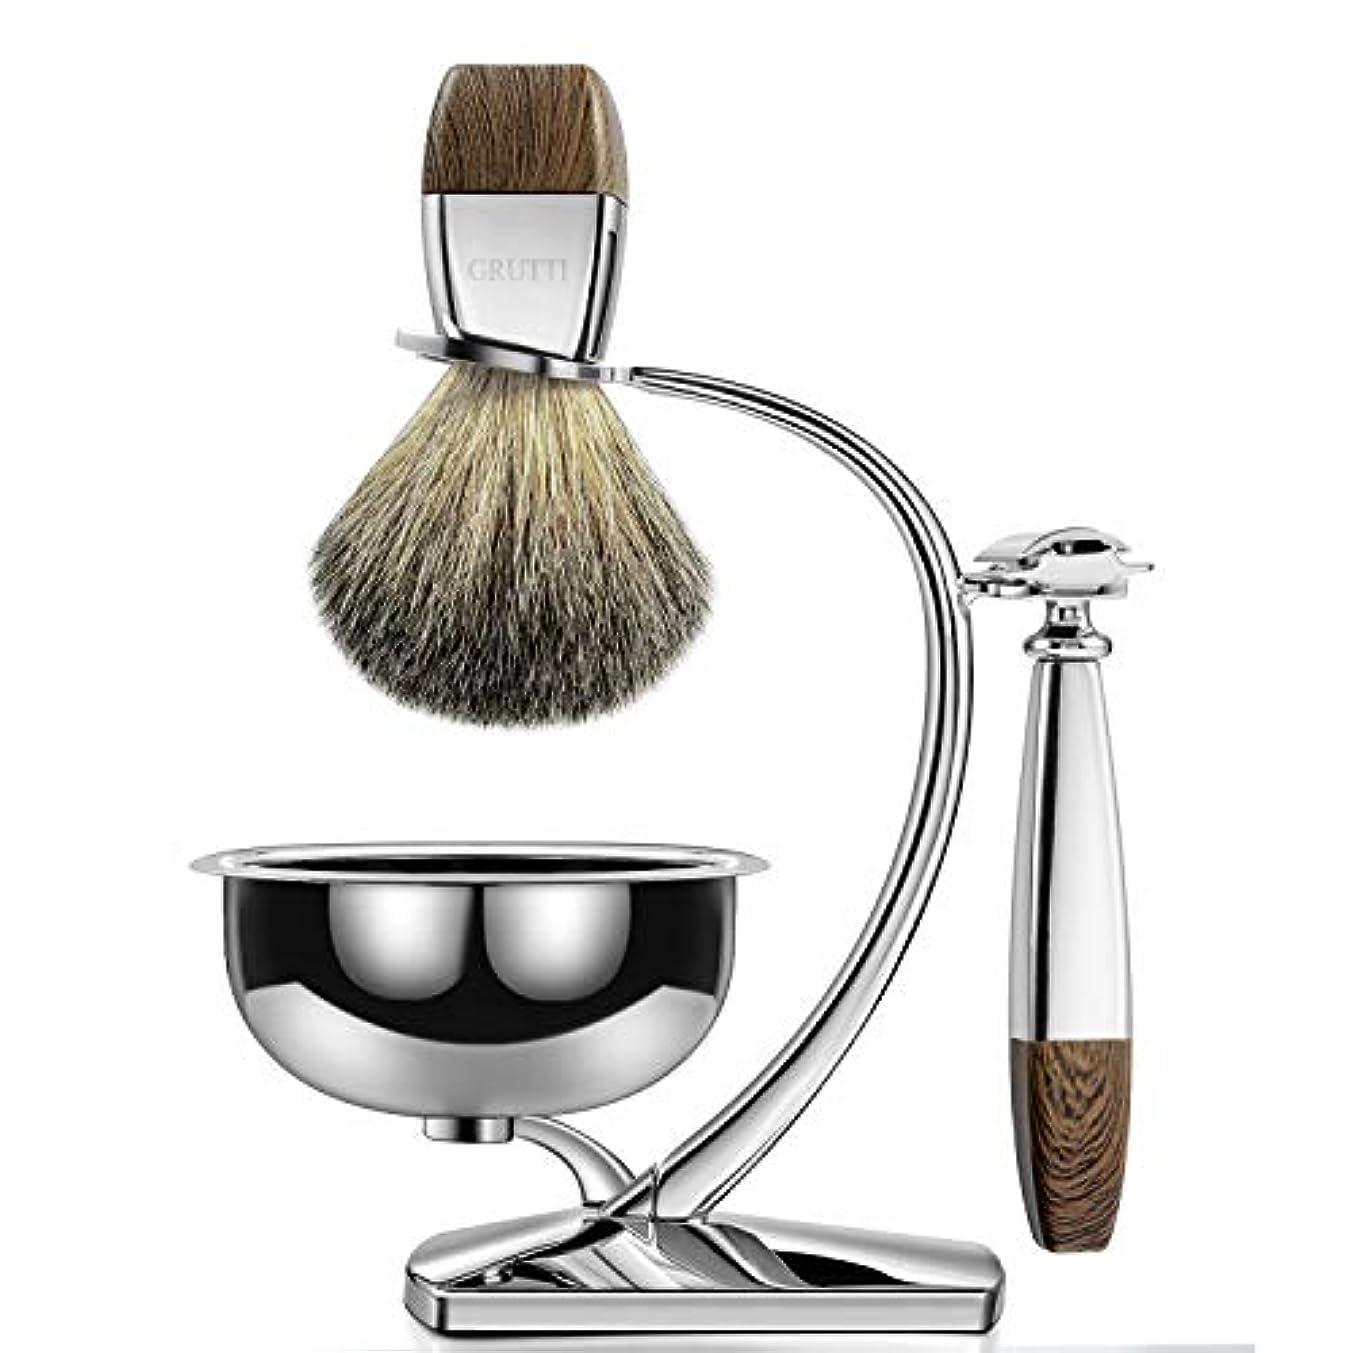 本能気性アーネストシャクルトンGRUTTI かみそりスタンド カミソリシェービングブラシスタンド 用 スタンド ホルダー ラック 洗顔 髭剃りメンズシェーバー シェービング用アクセサリー (かみそり)